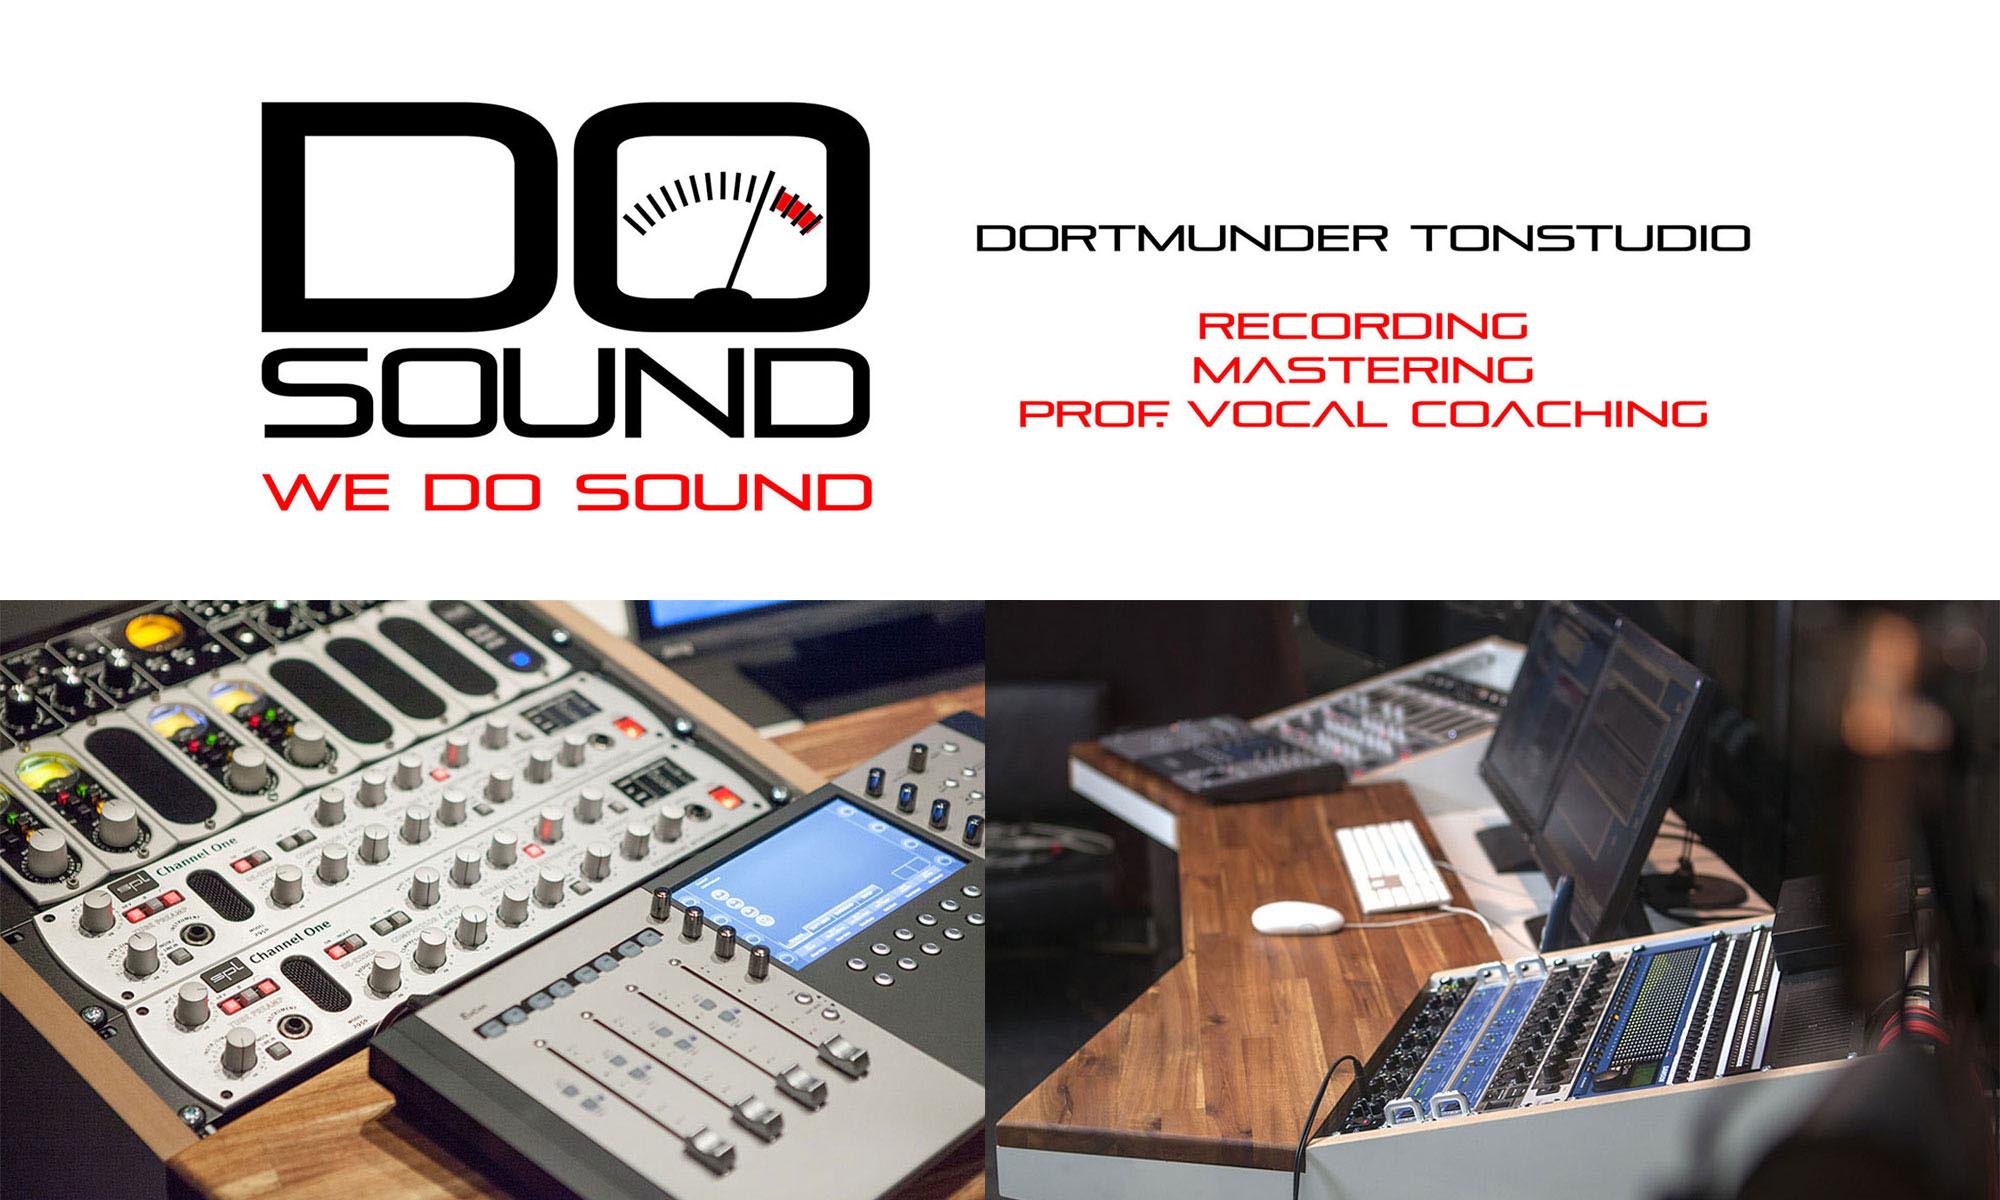 DOsound